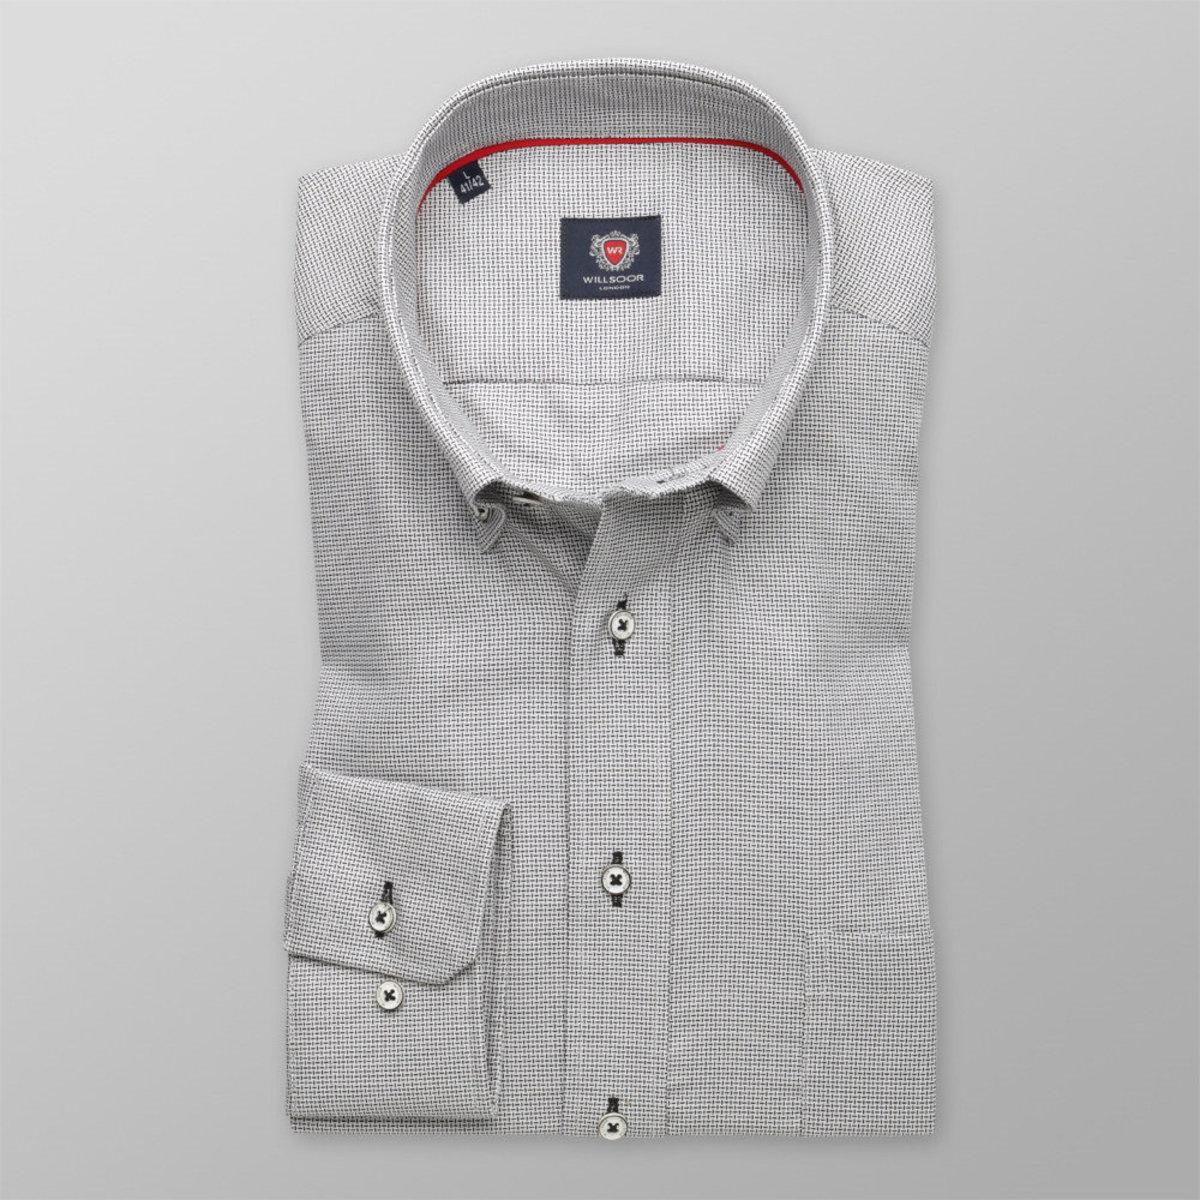 Pánská slim fit košile London (výška 176-182) 8604 v šedé barvě s úpravou easy care 176-182 / L (41/42)